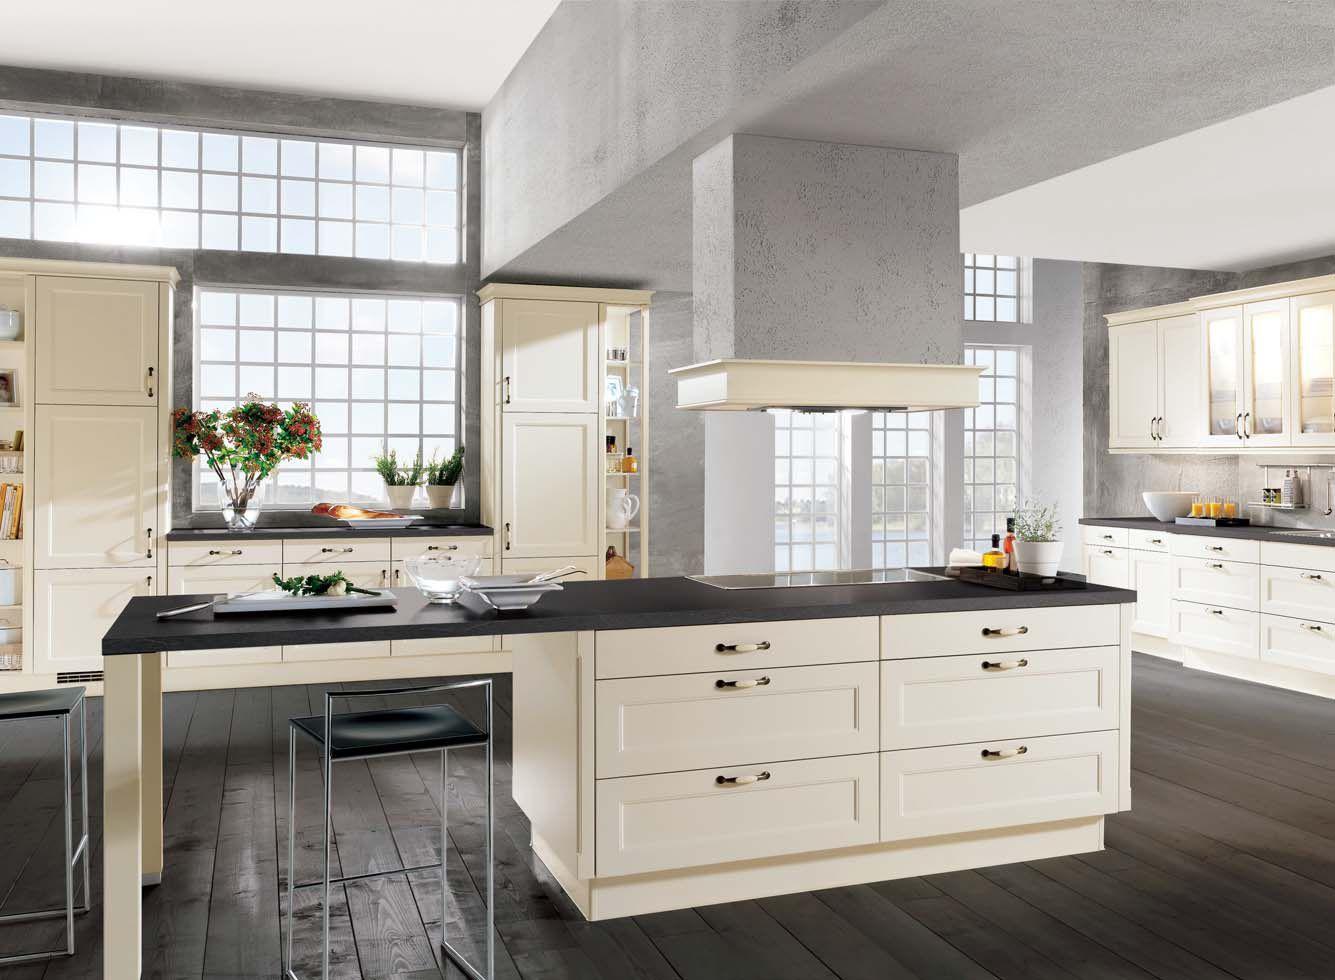 Cocina 83 cocinas capis dise o y fabricaci n de cocinas for Configurador cocinas